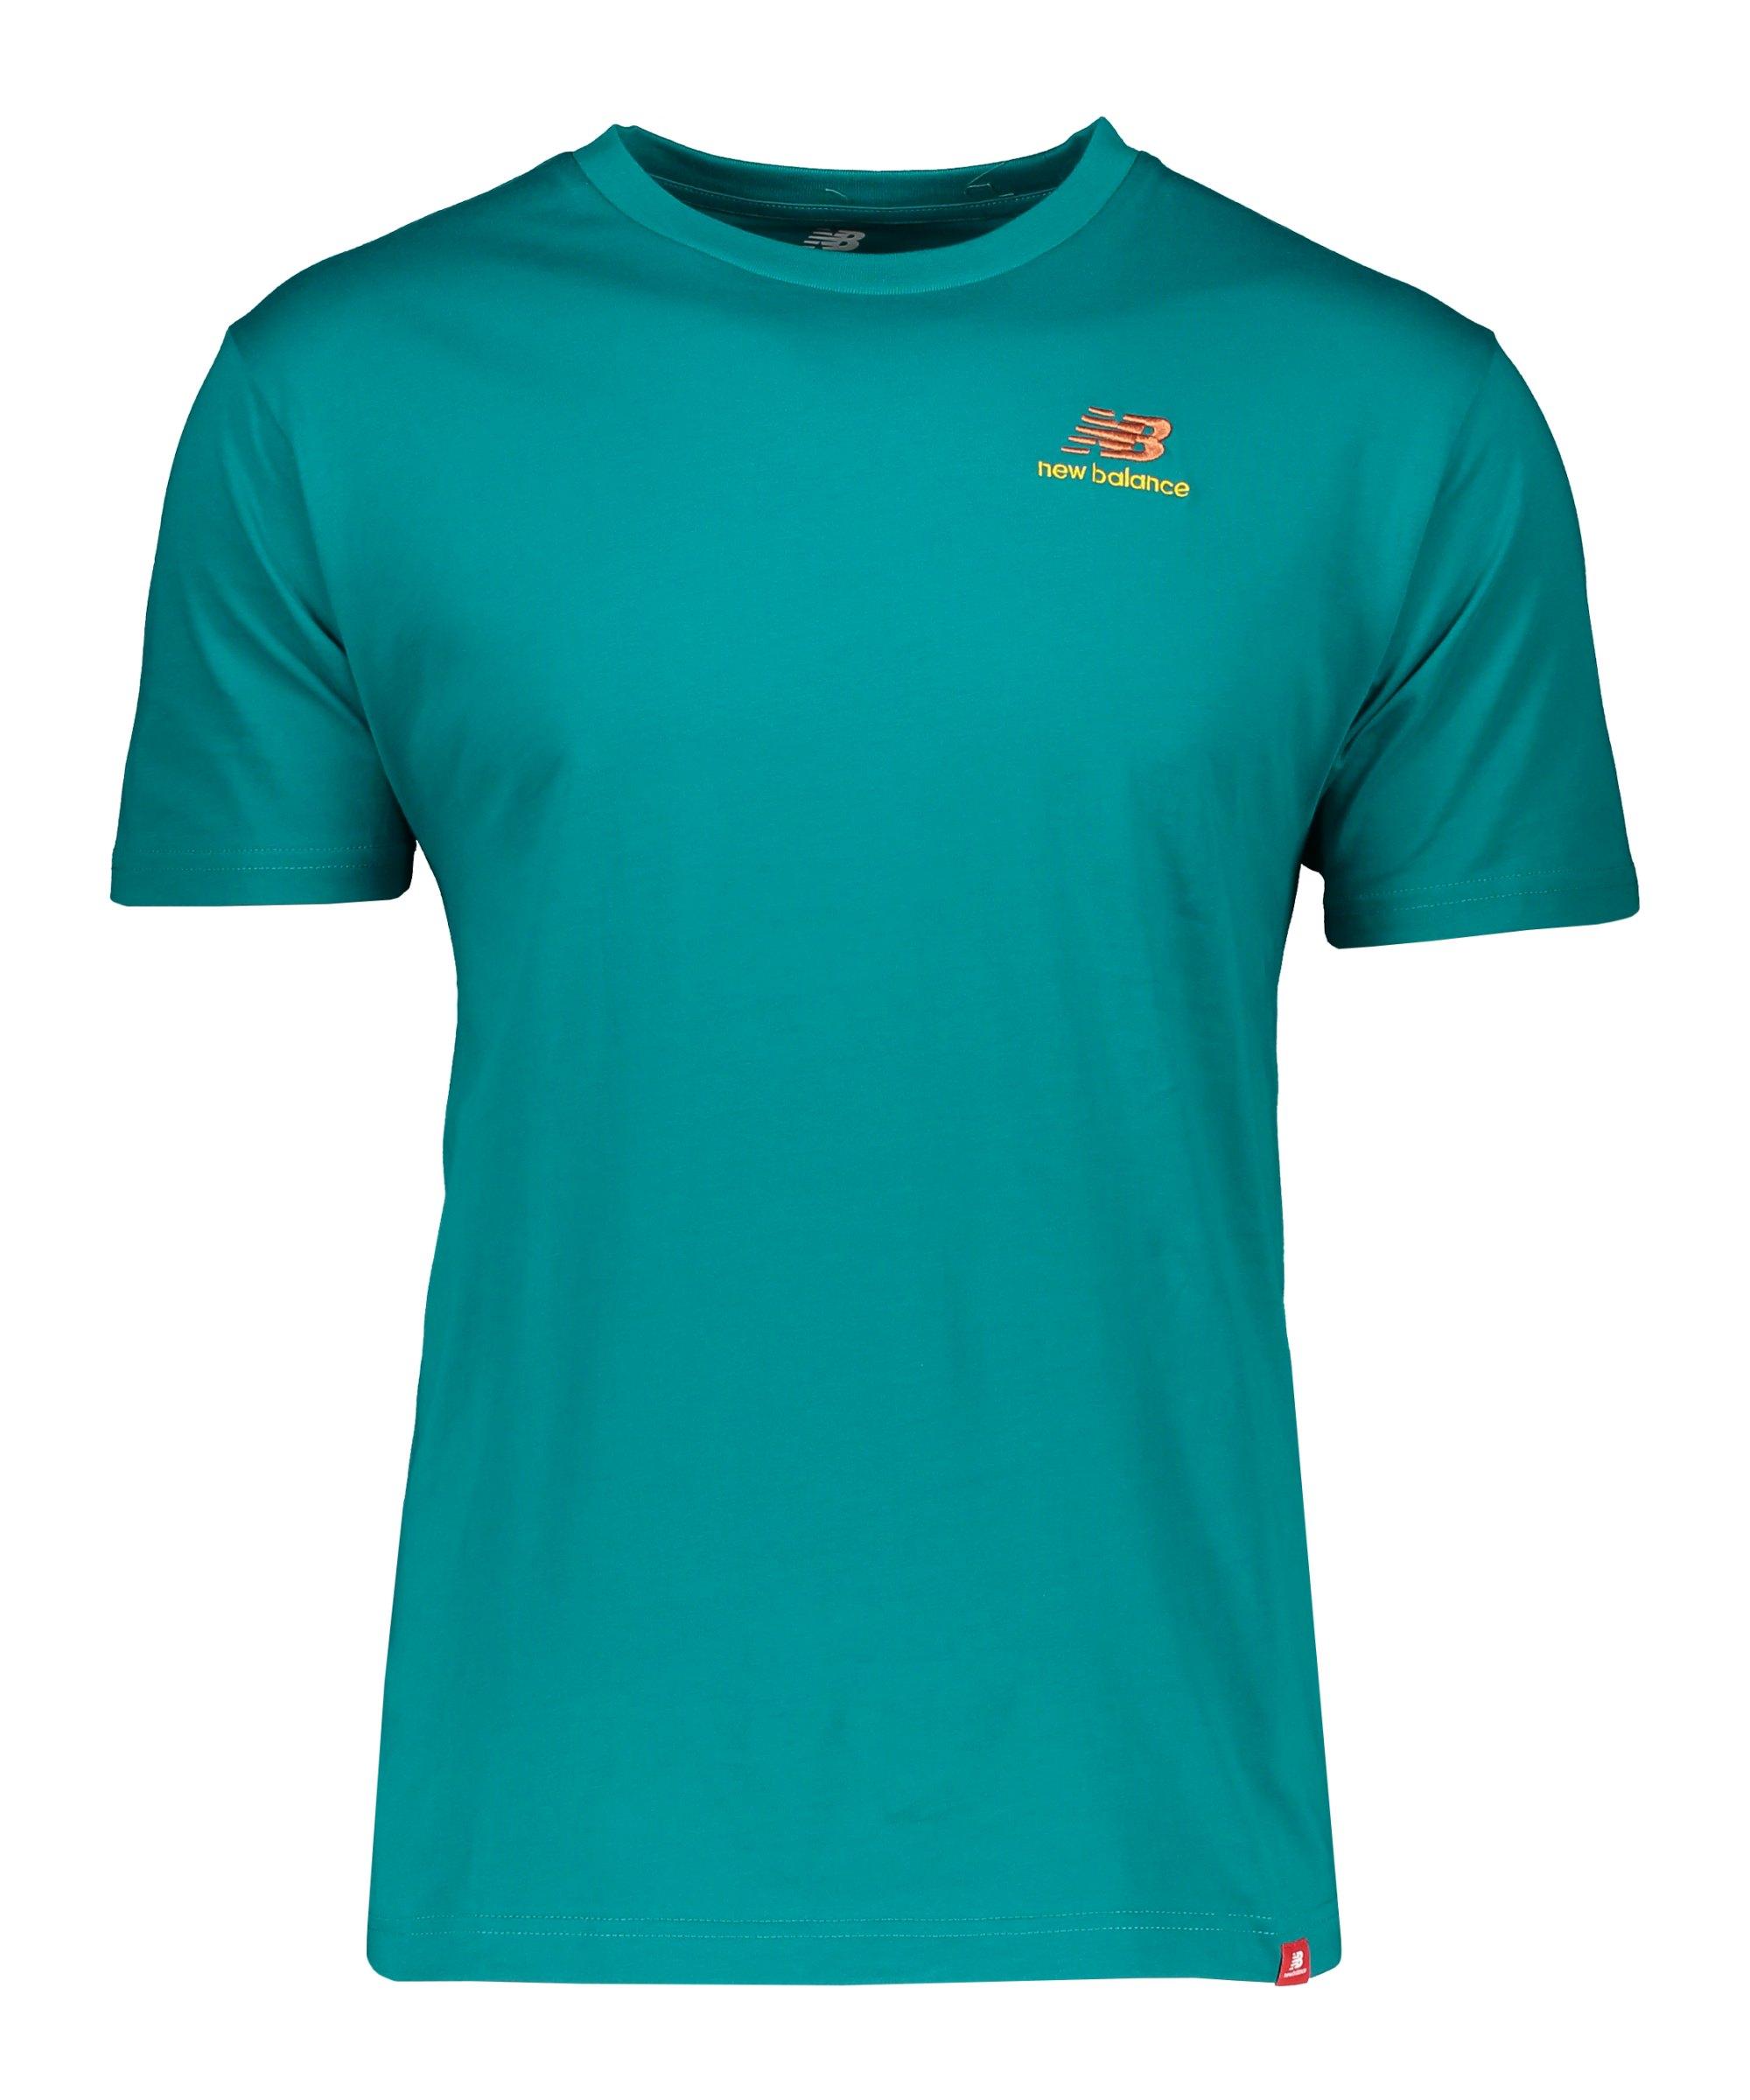 New Balance Essentials Embr T-Shirt FTMT - gruen